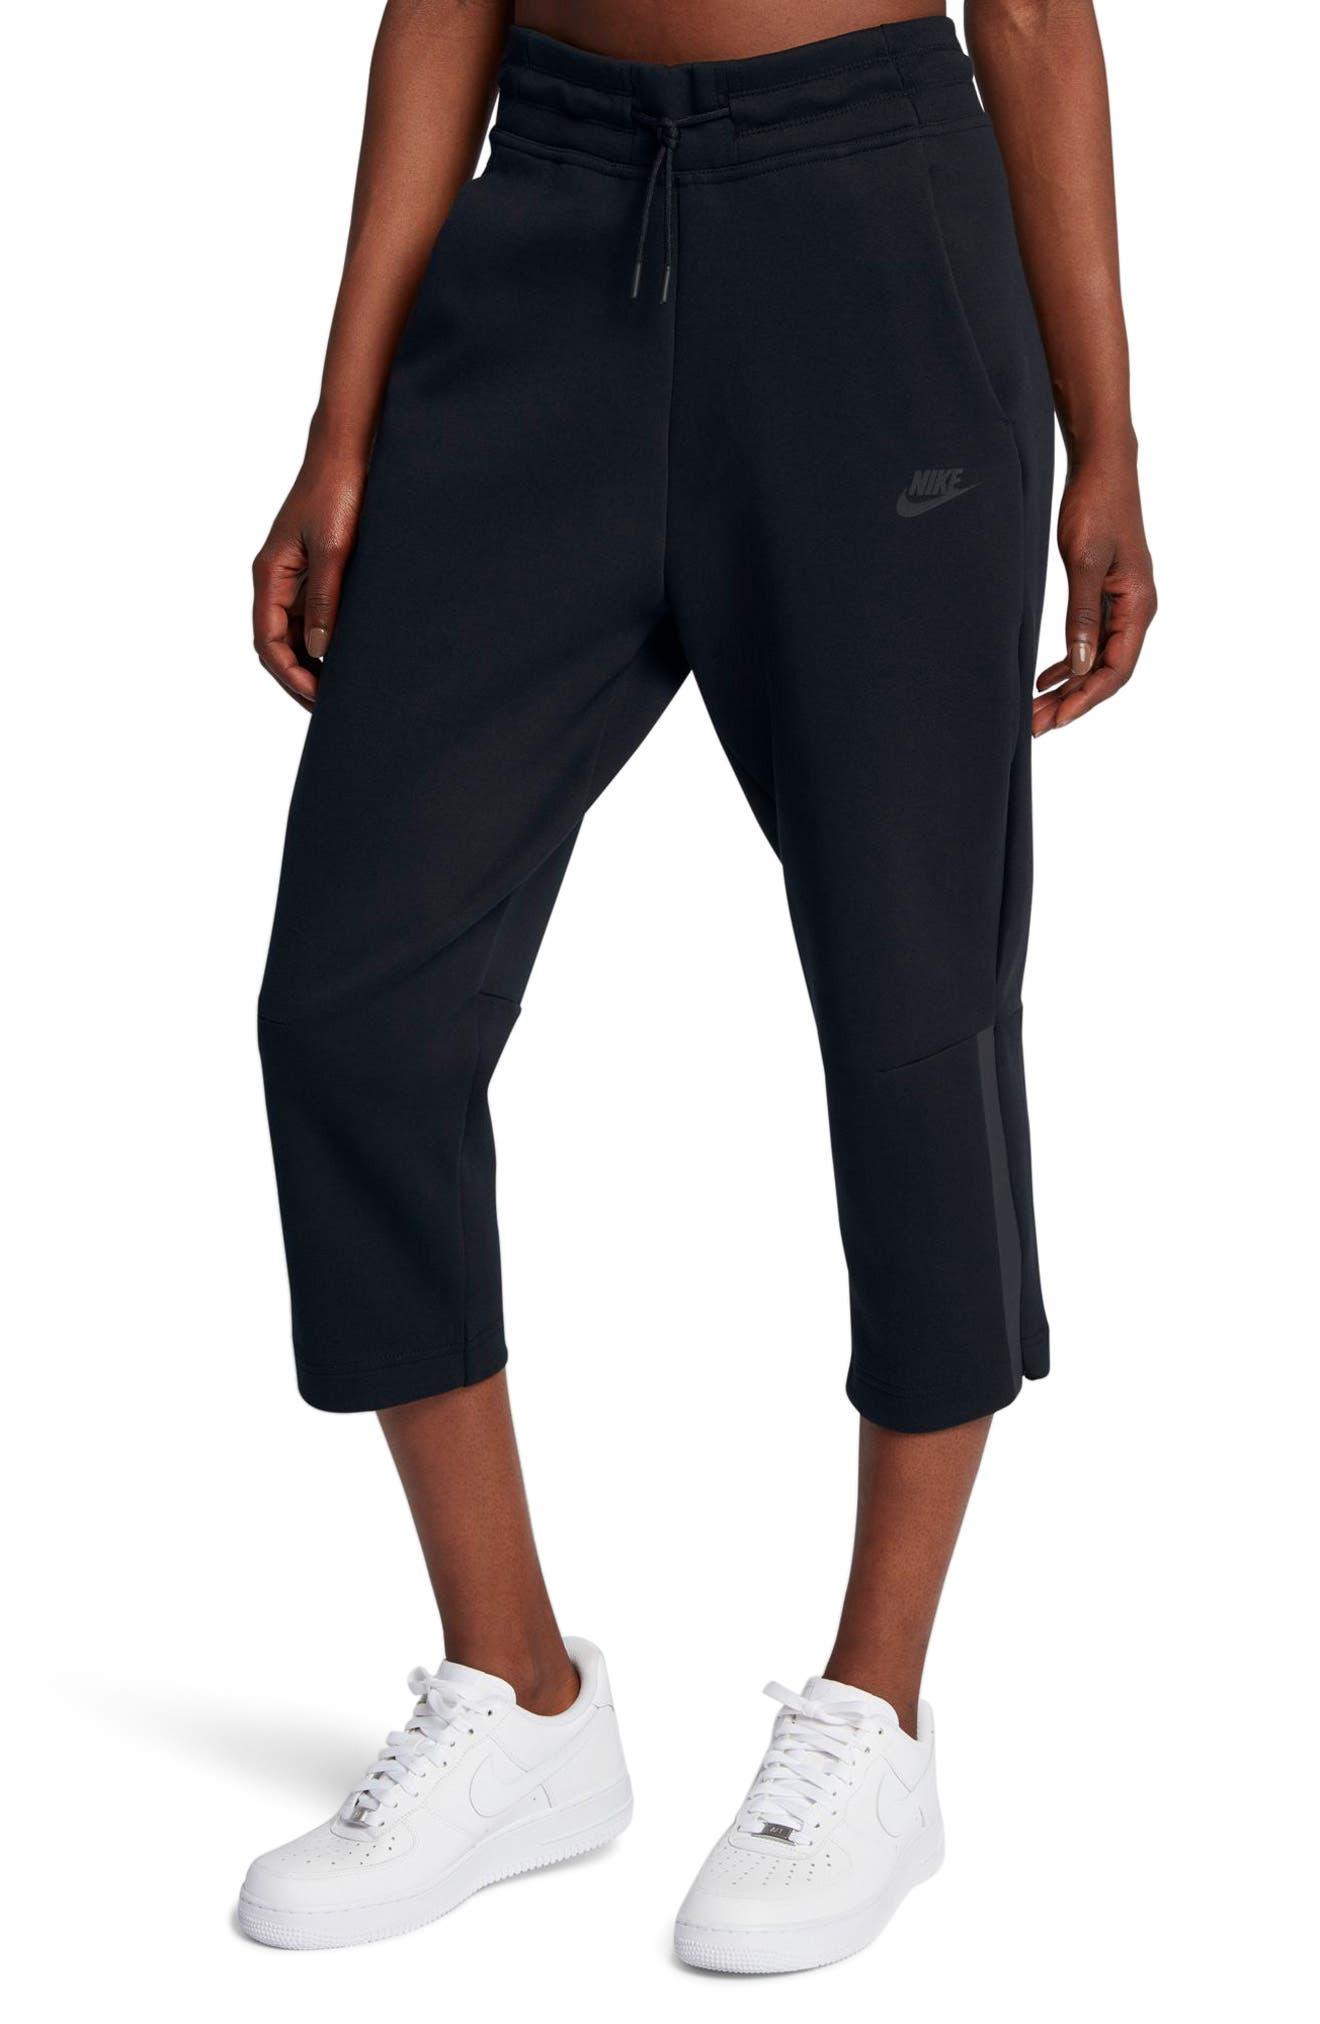 Sportswear Women's Tech Fleece Sneaker Pants,                         Main,                         color, Black/ Black